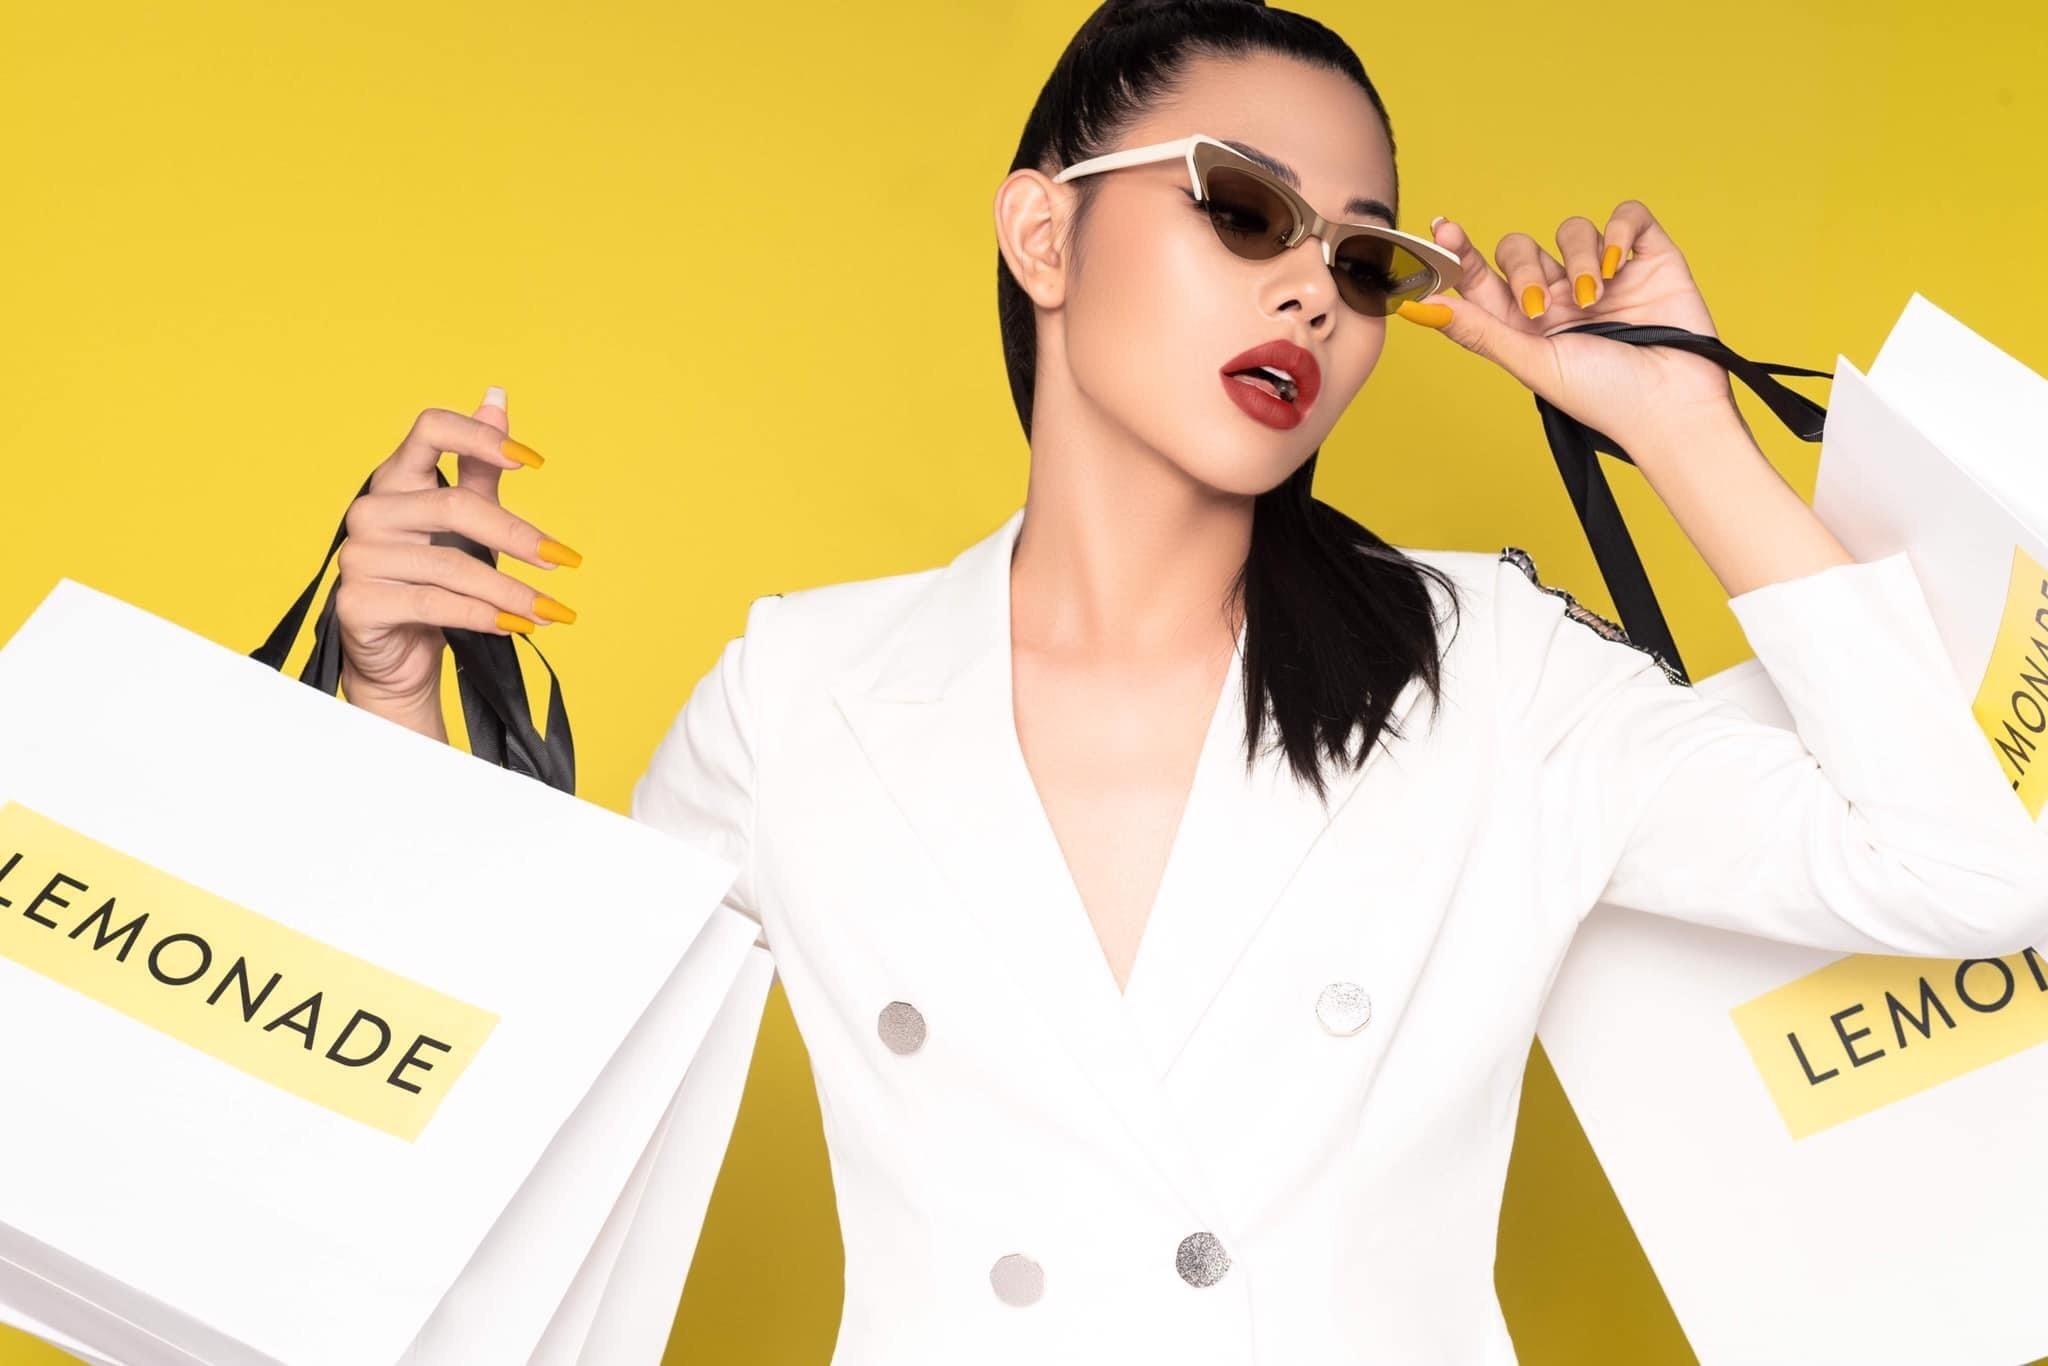 Người mẫu Keycee Chung- Bật mí bí quyết phối phụ kiện phá cách thu hút ánh nhìn phái mạnh